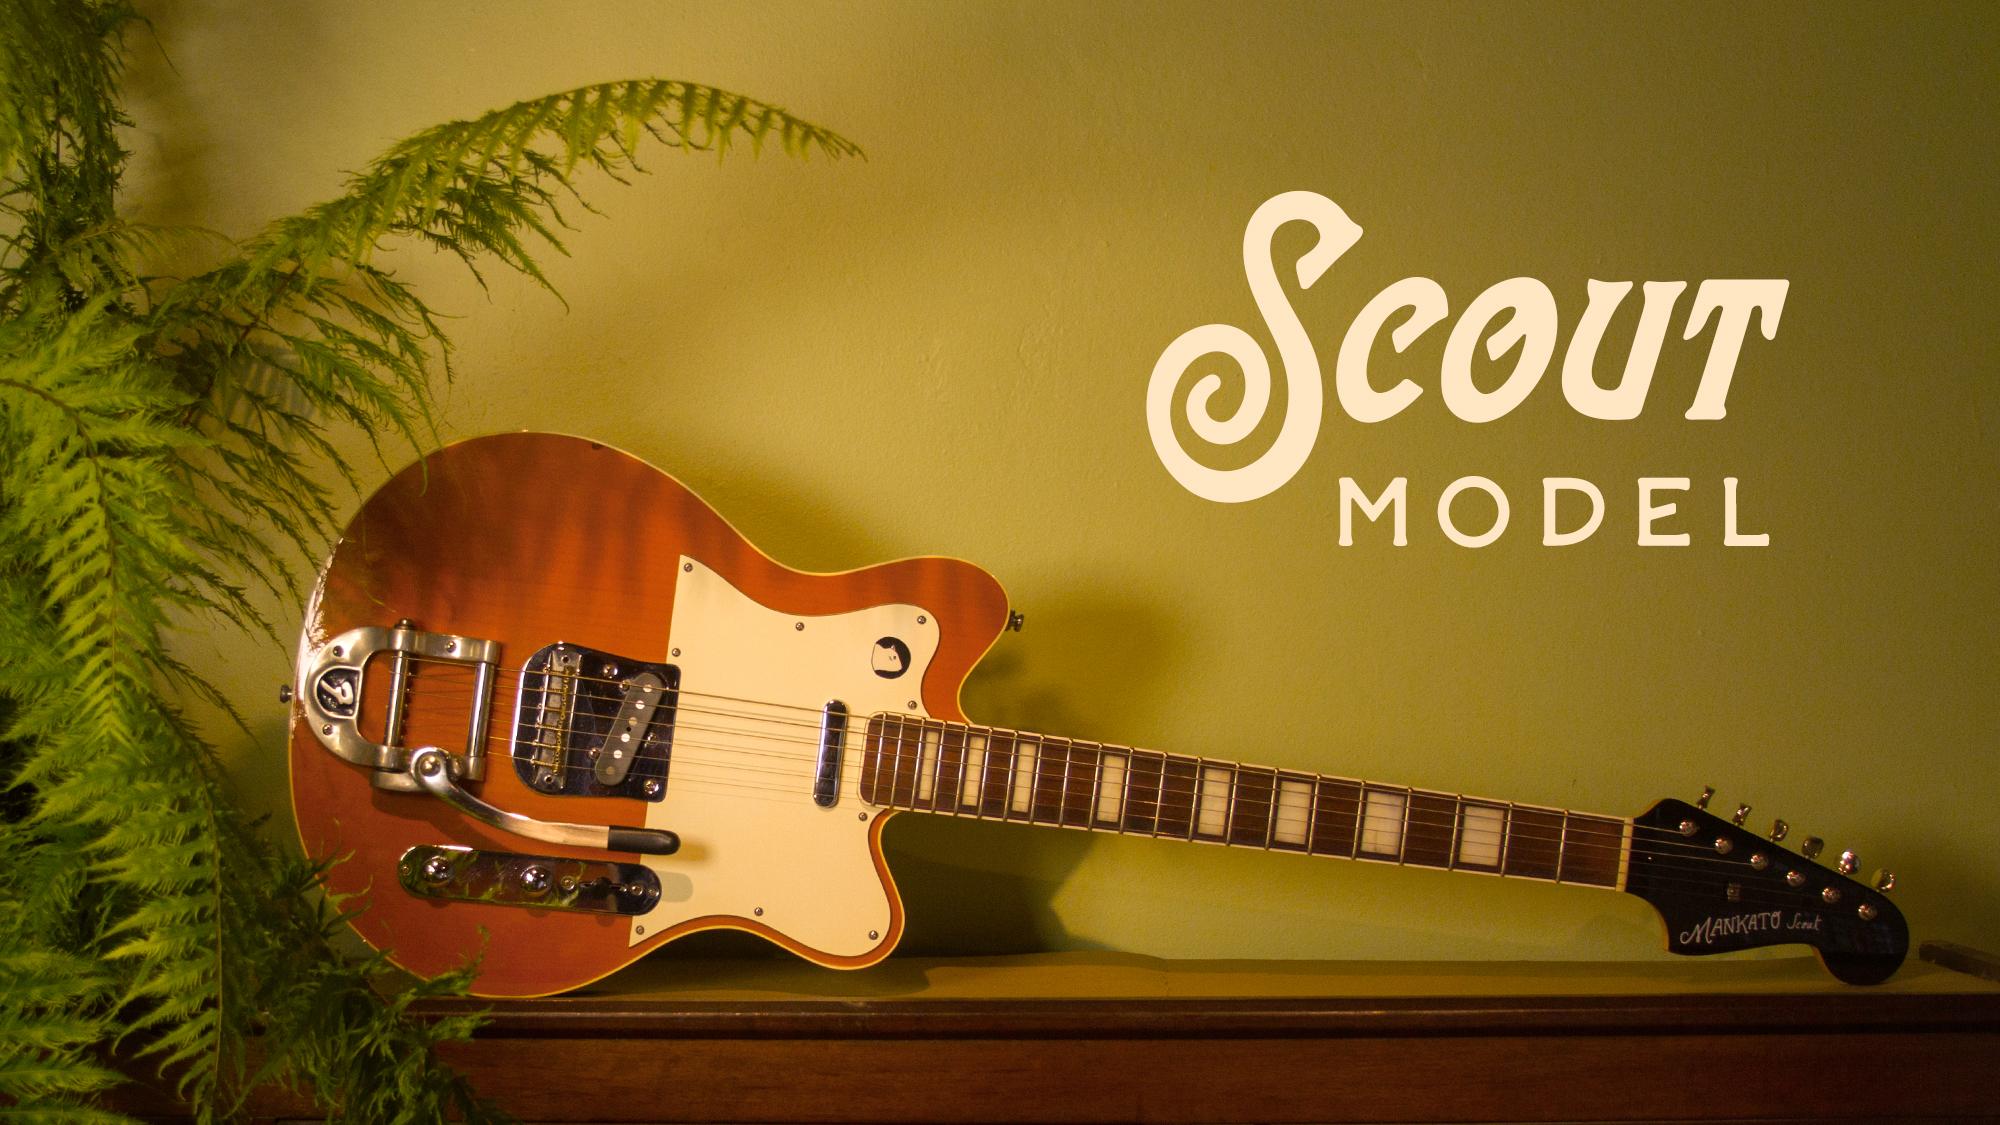 Mankato Guitars - Scout Model